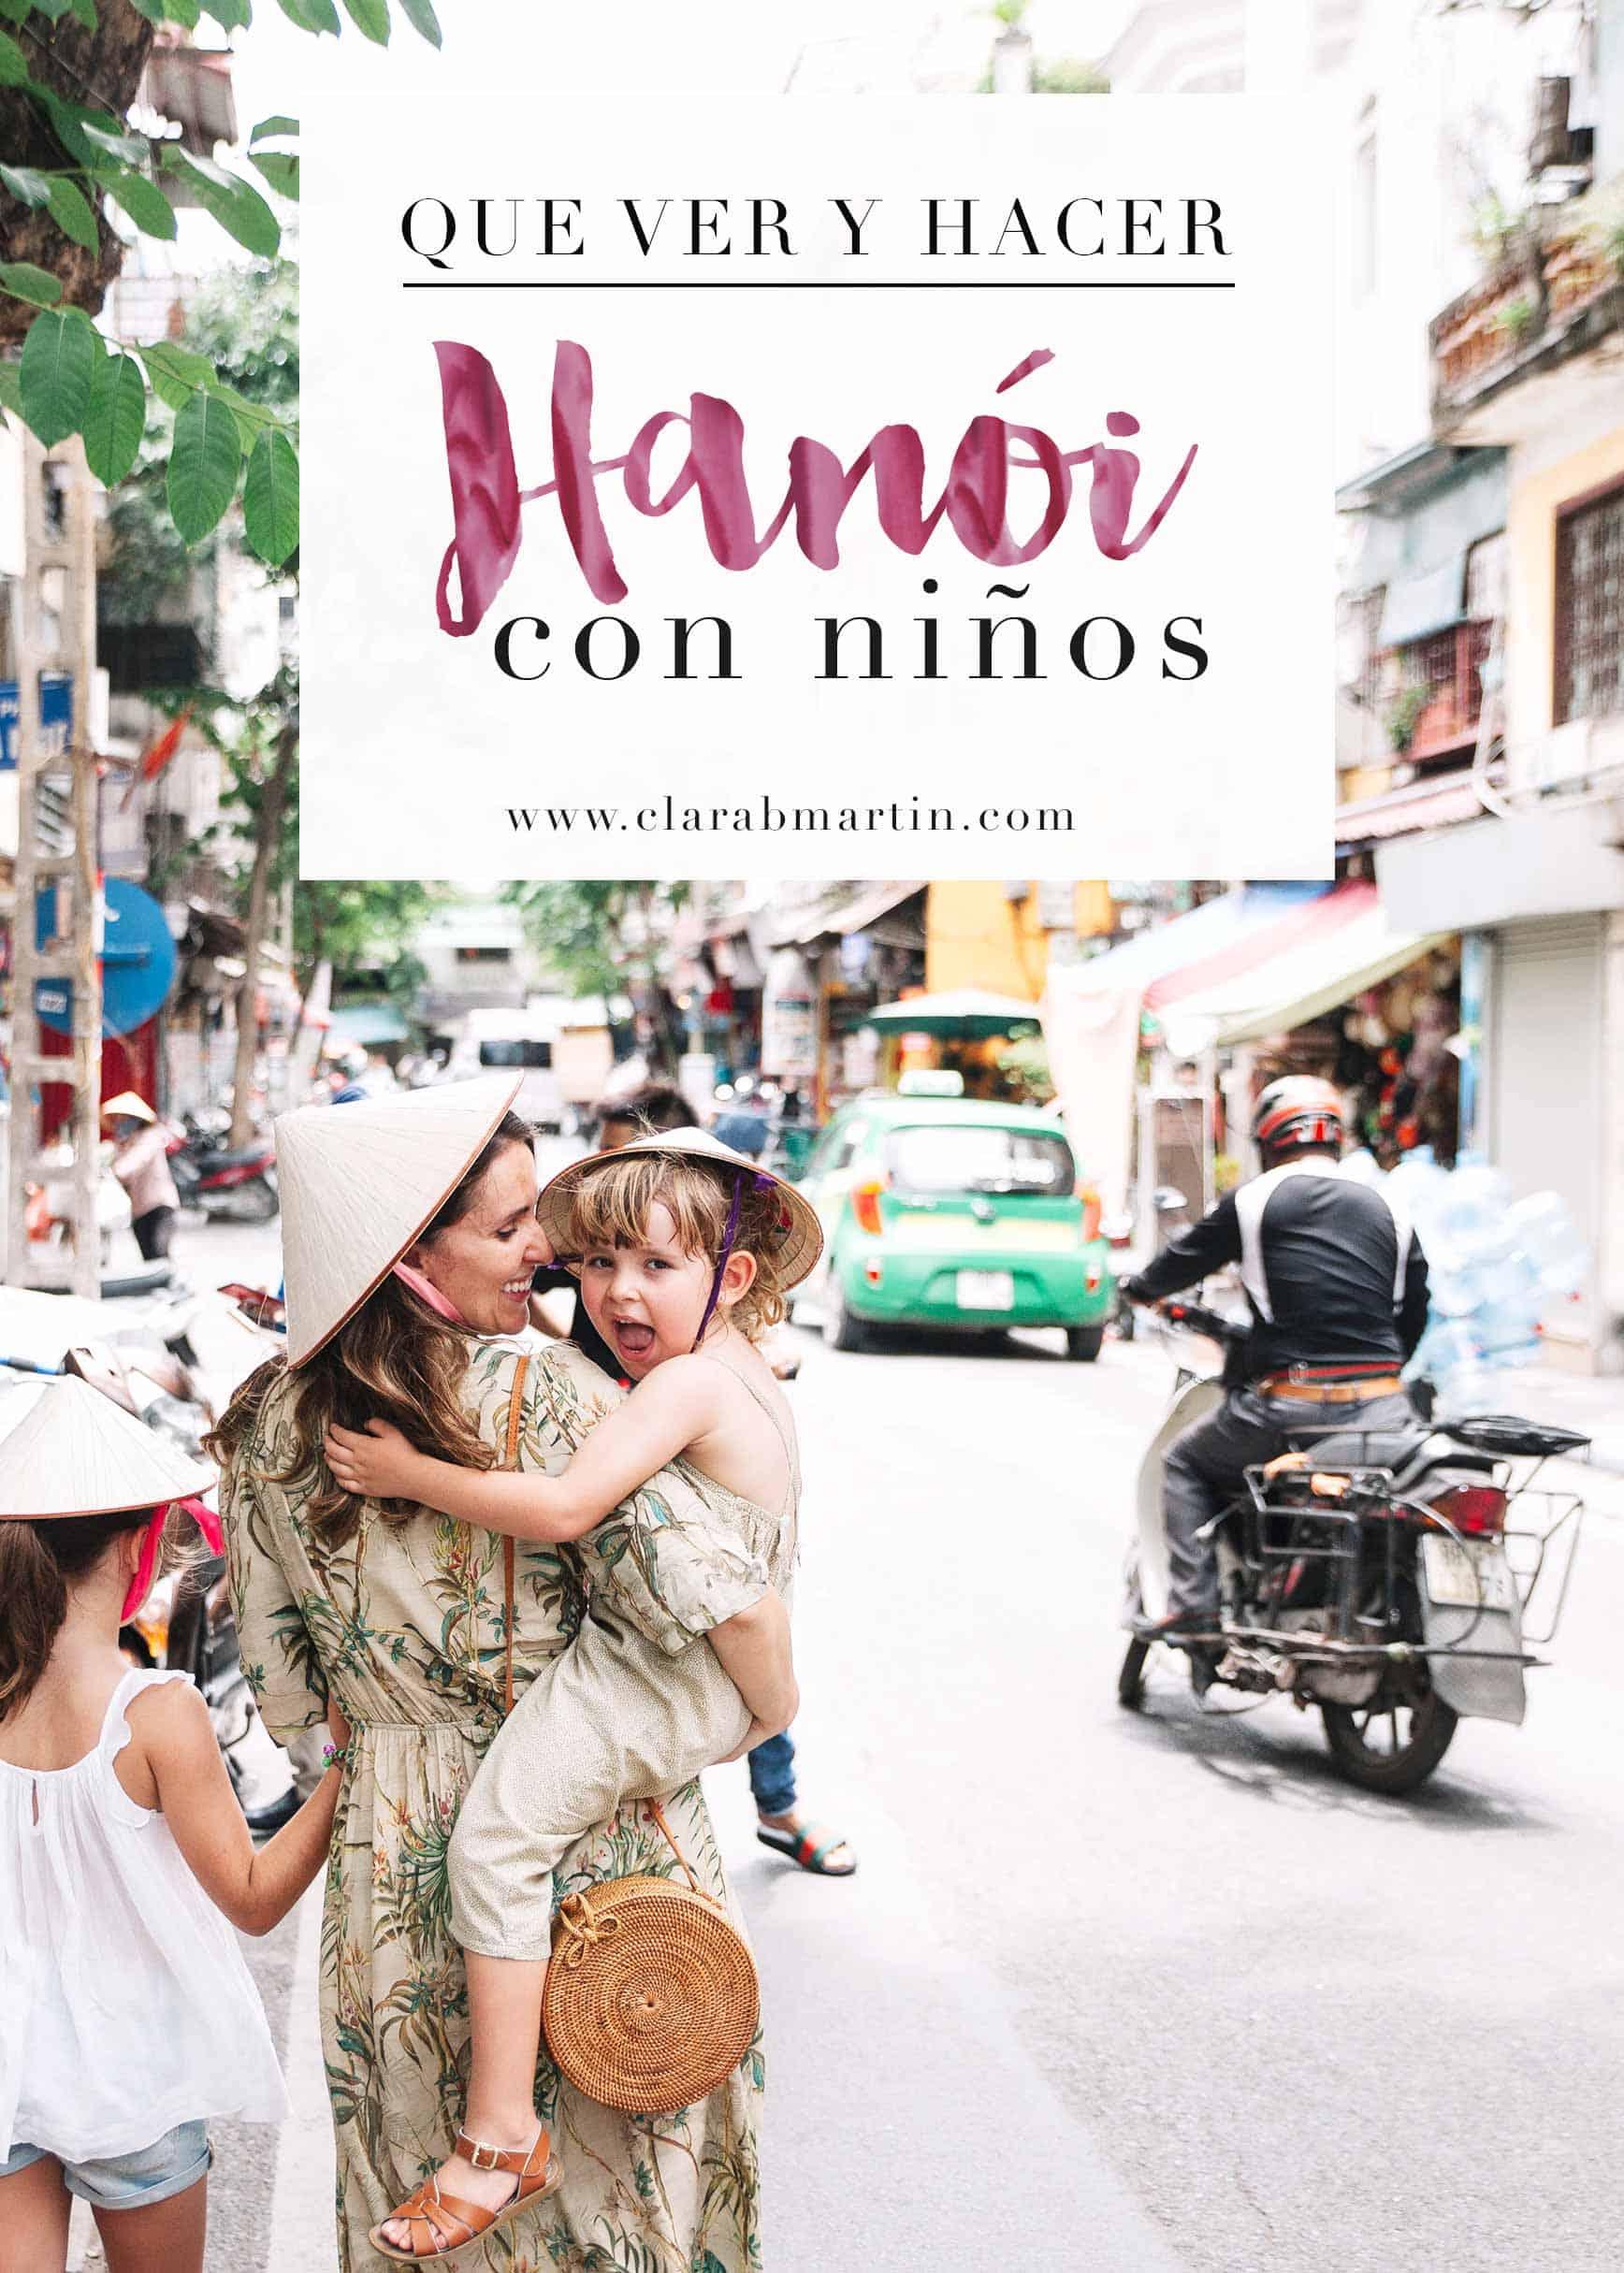 Hanoi-con-niños